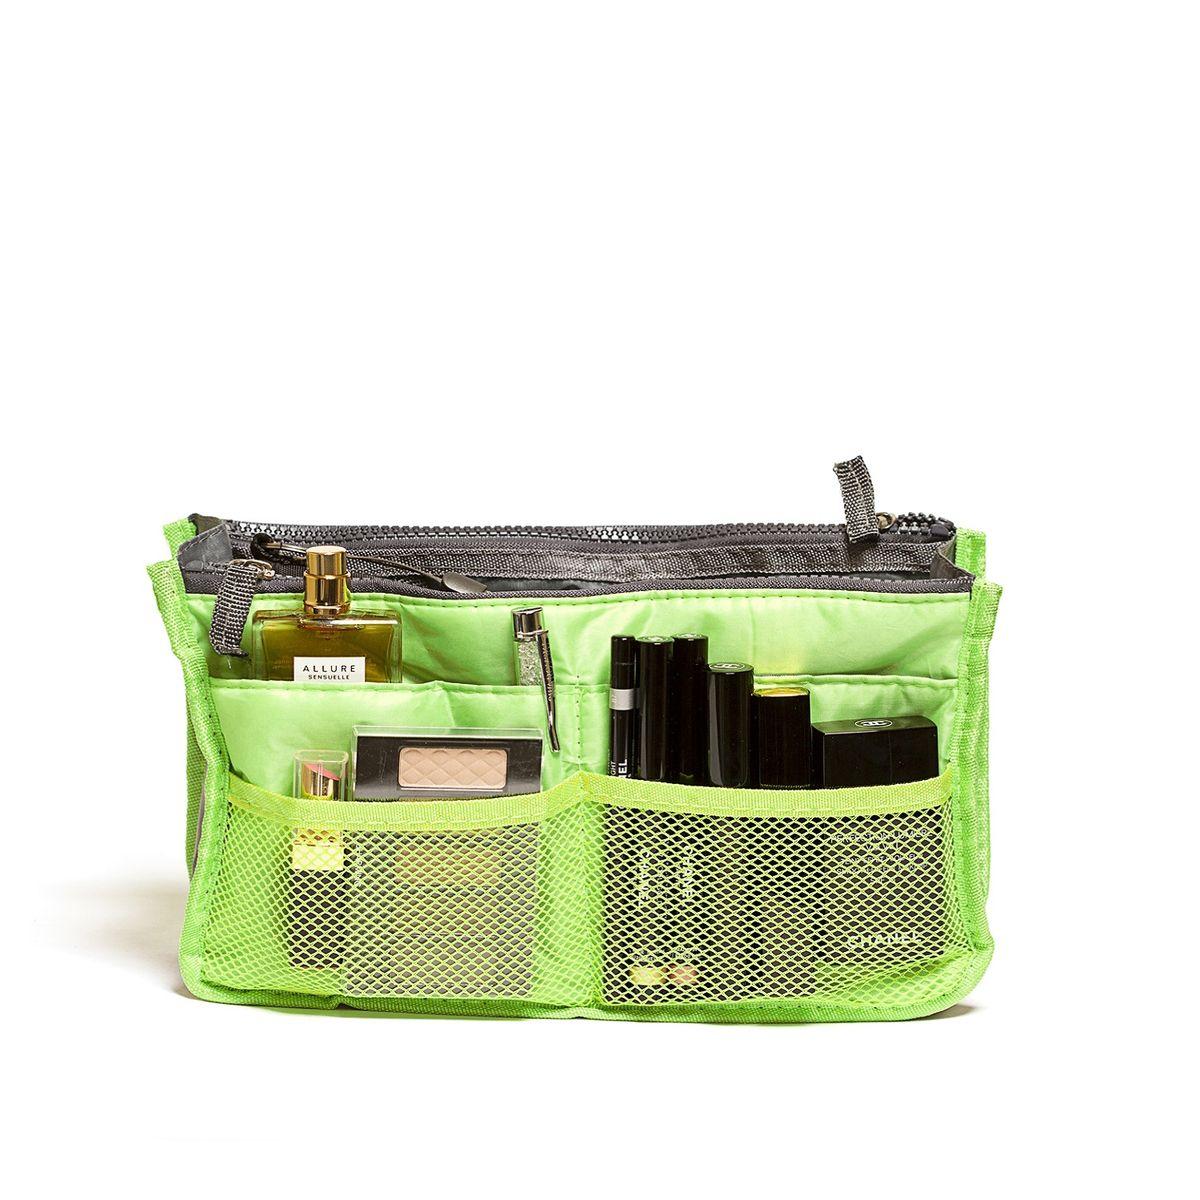 Органайзер для сумки Homsu, цвет: светло-зеленый, 30 x 8,5 x 18,5 смS03301004Органайзер для сумки Homsu выполнен из полиэстера и текстиля. Этот органайзер для сумки имеет три вместительных отделениях для вещей, четыре кармашка по бокам и шесть кармашков в виде сетки. Такой органайзер обеспечит полный порядок в вашей сумке. Данный аксессуар обладает быстрой регулировкой толщины с помощью кнопок. Органайзер оснащен двумя крепкими ручками, что позволяет применять его и вне сумки.